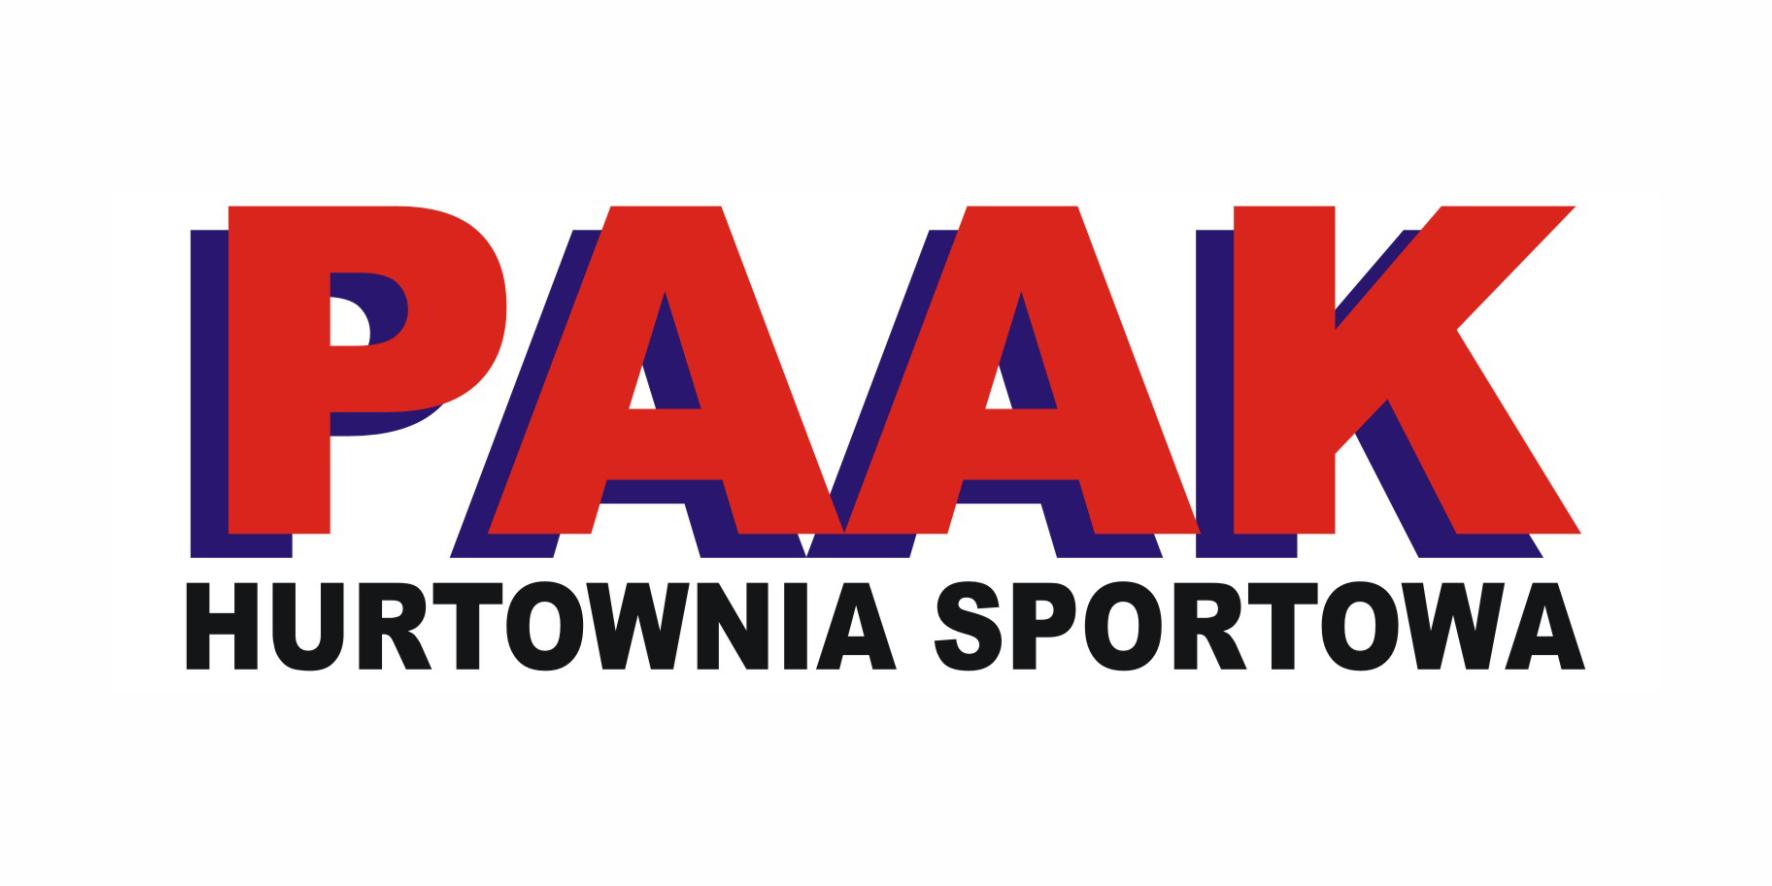 Hurtownia Sportowa PAAK